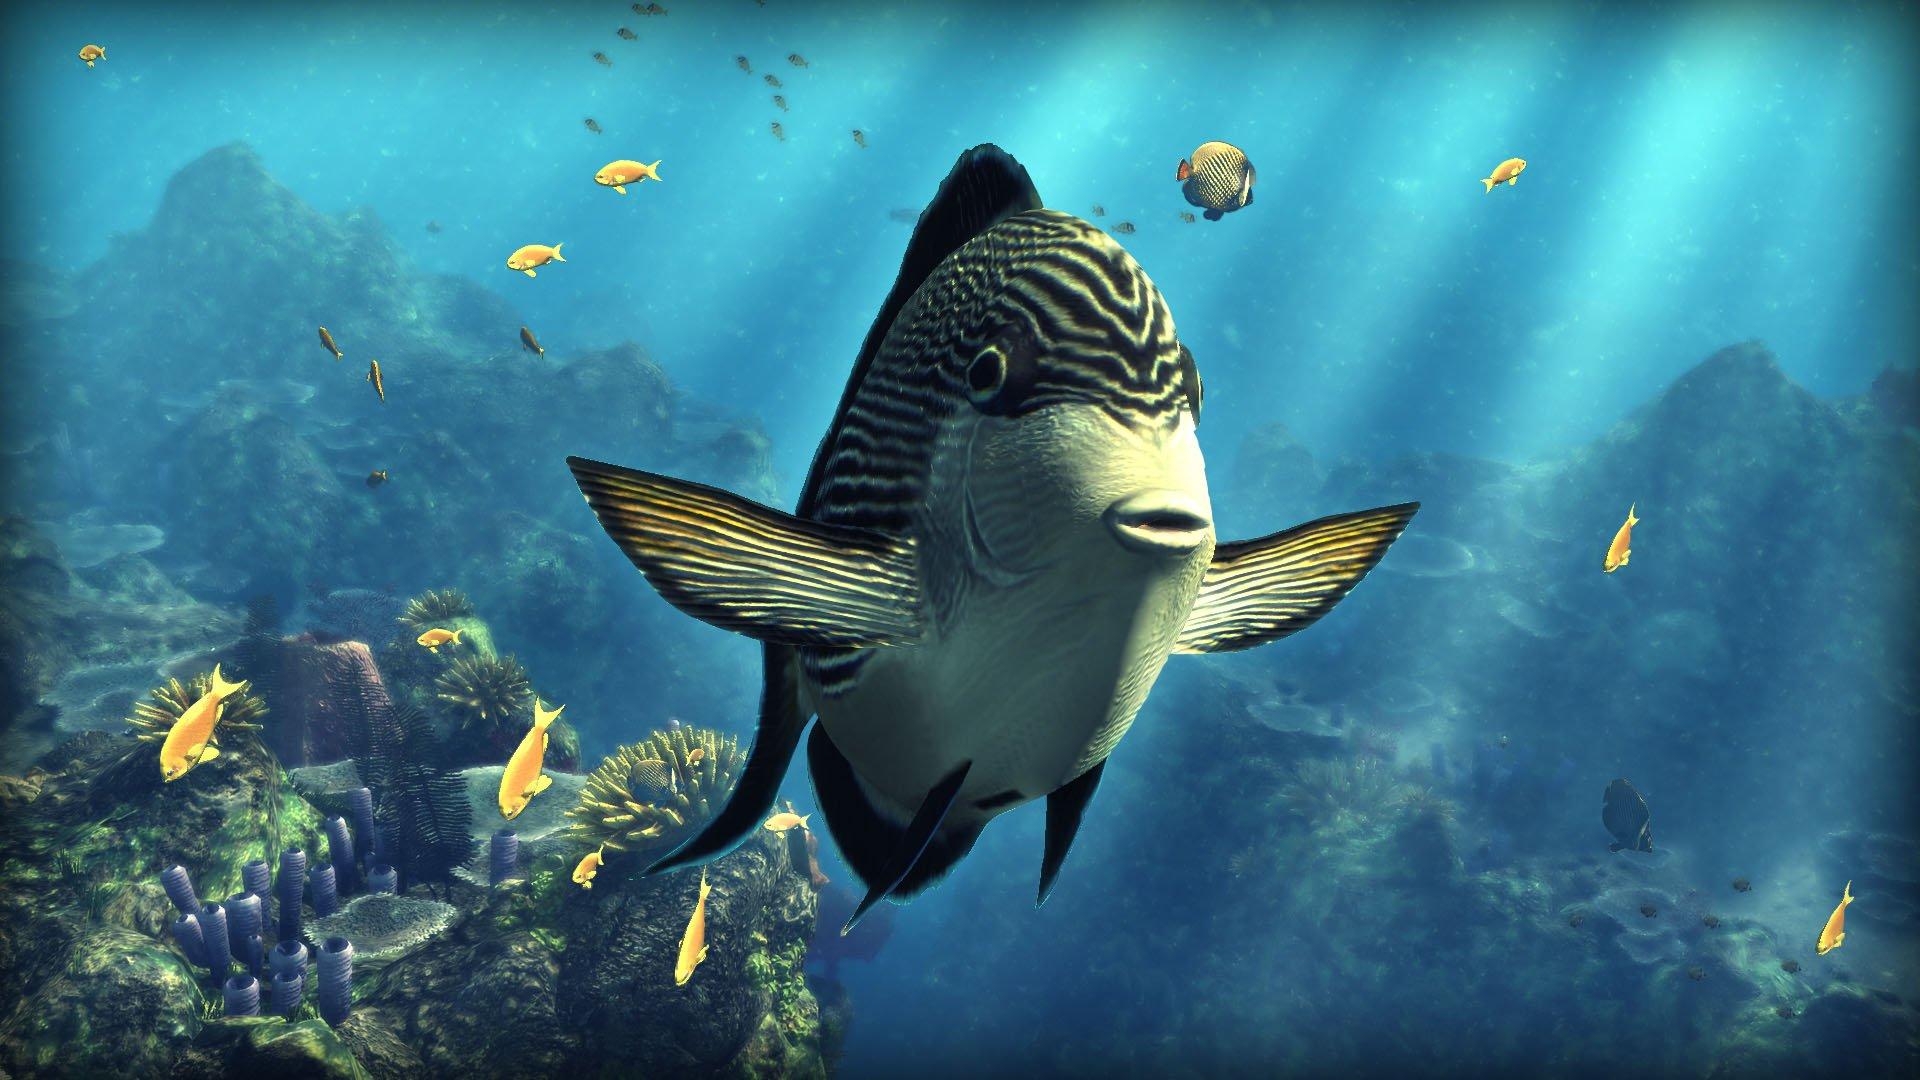 картинки как в реальной жизни выглядит океан с рыбами только